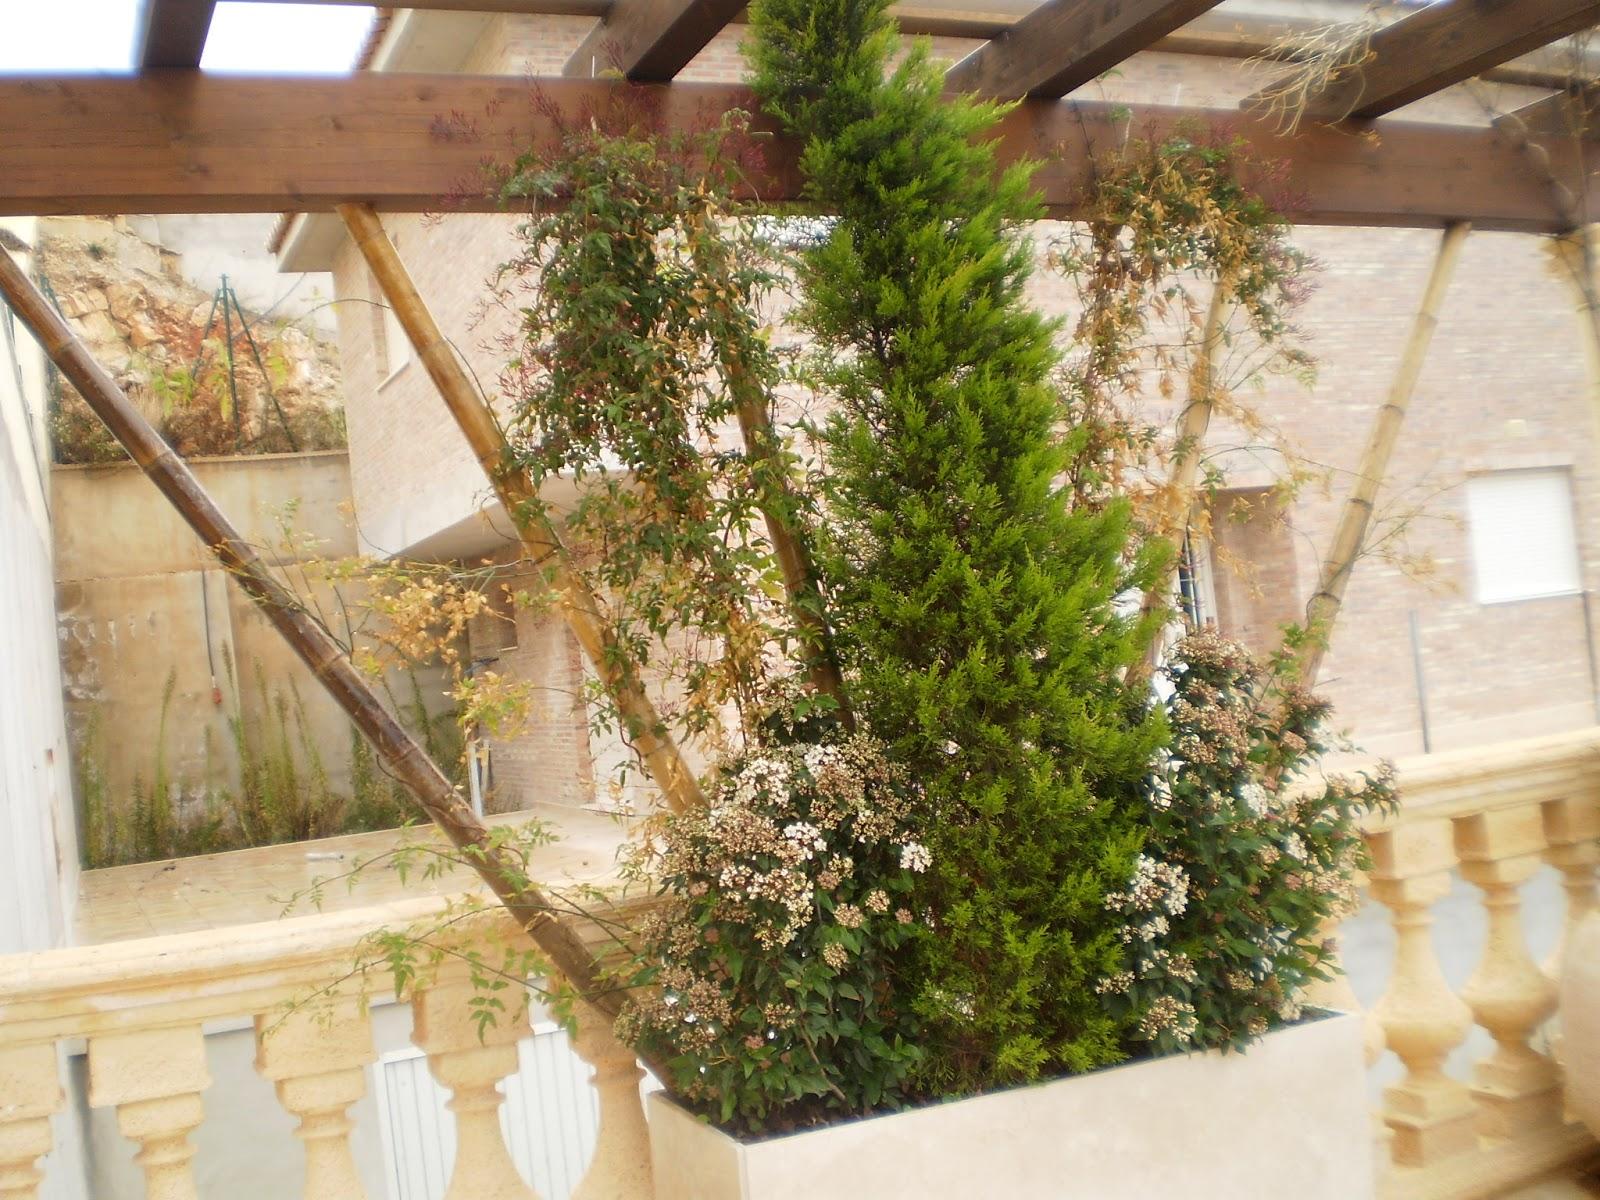 Bambu Decoracion Jardin ~ Crea tu Jard?n Decoraci?n con bamb?